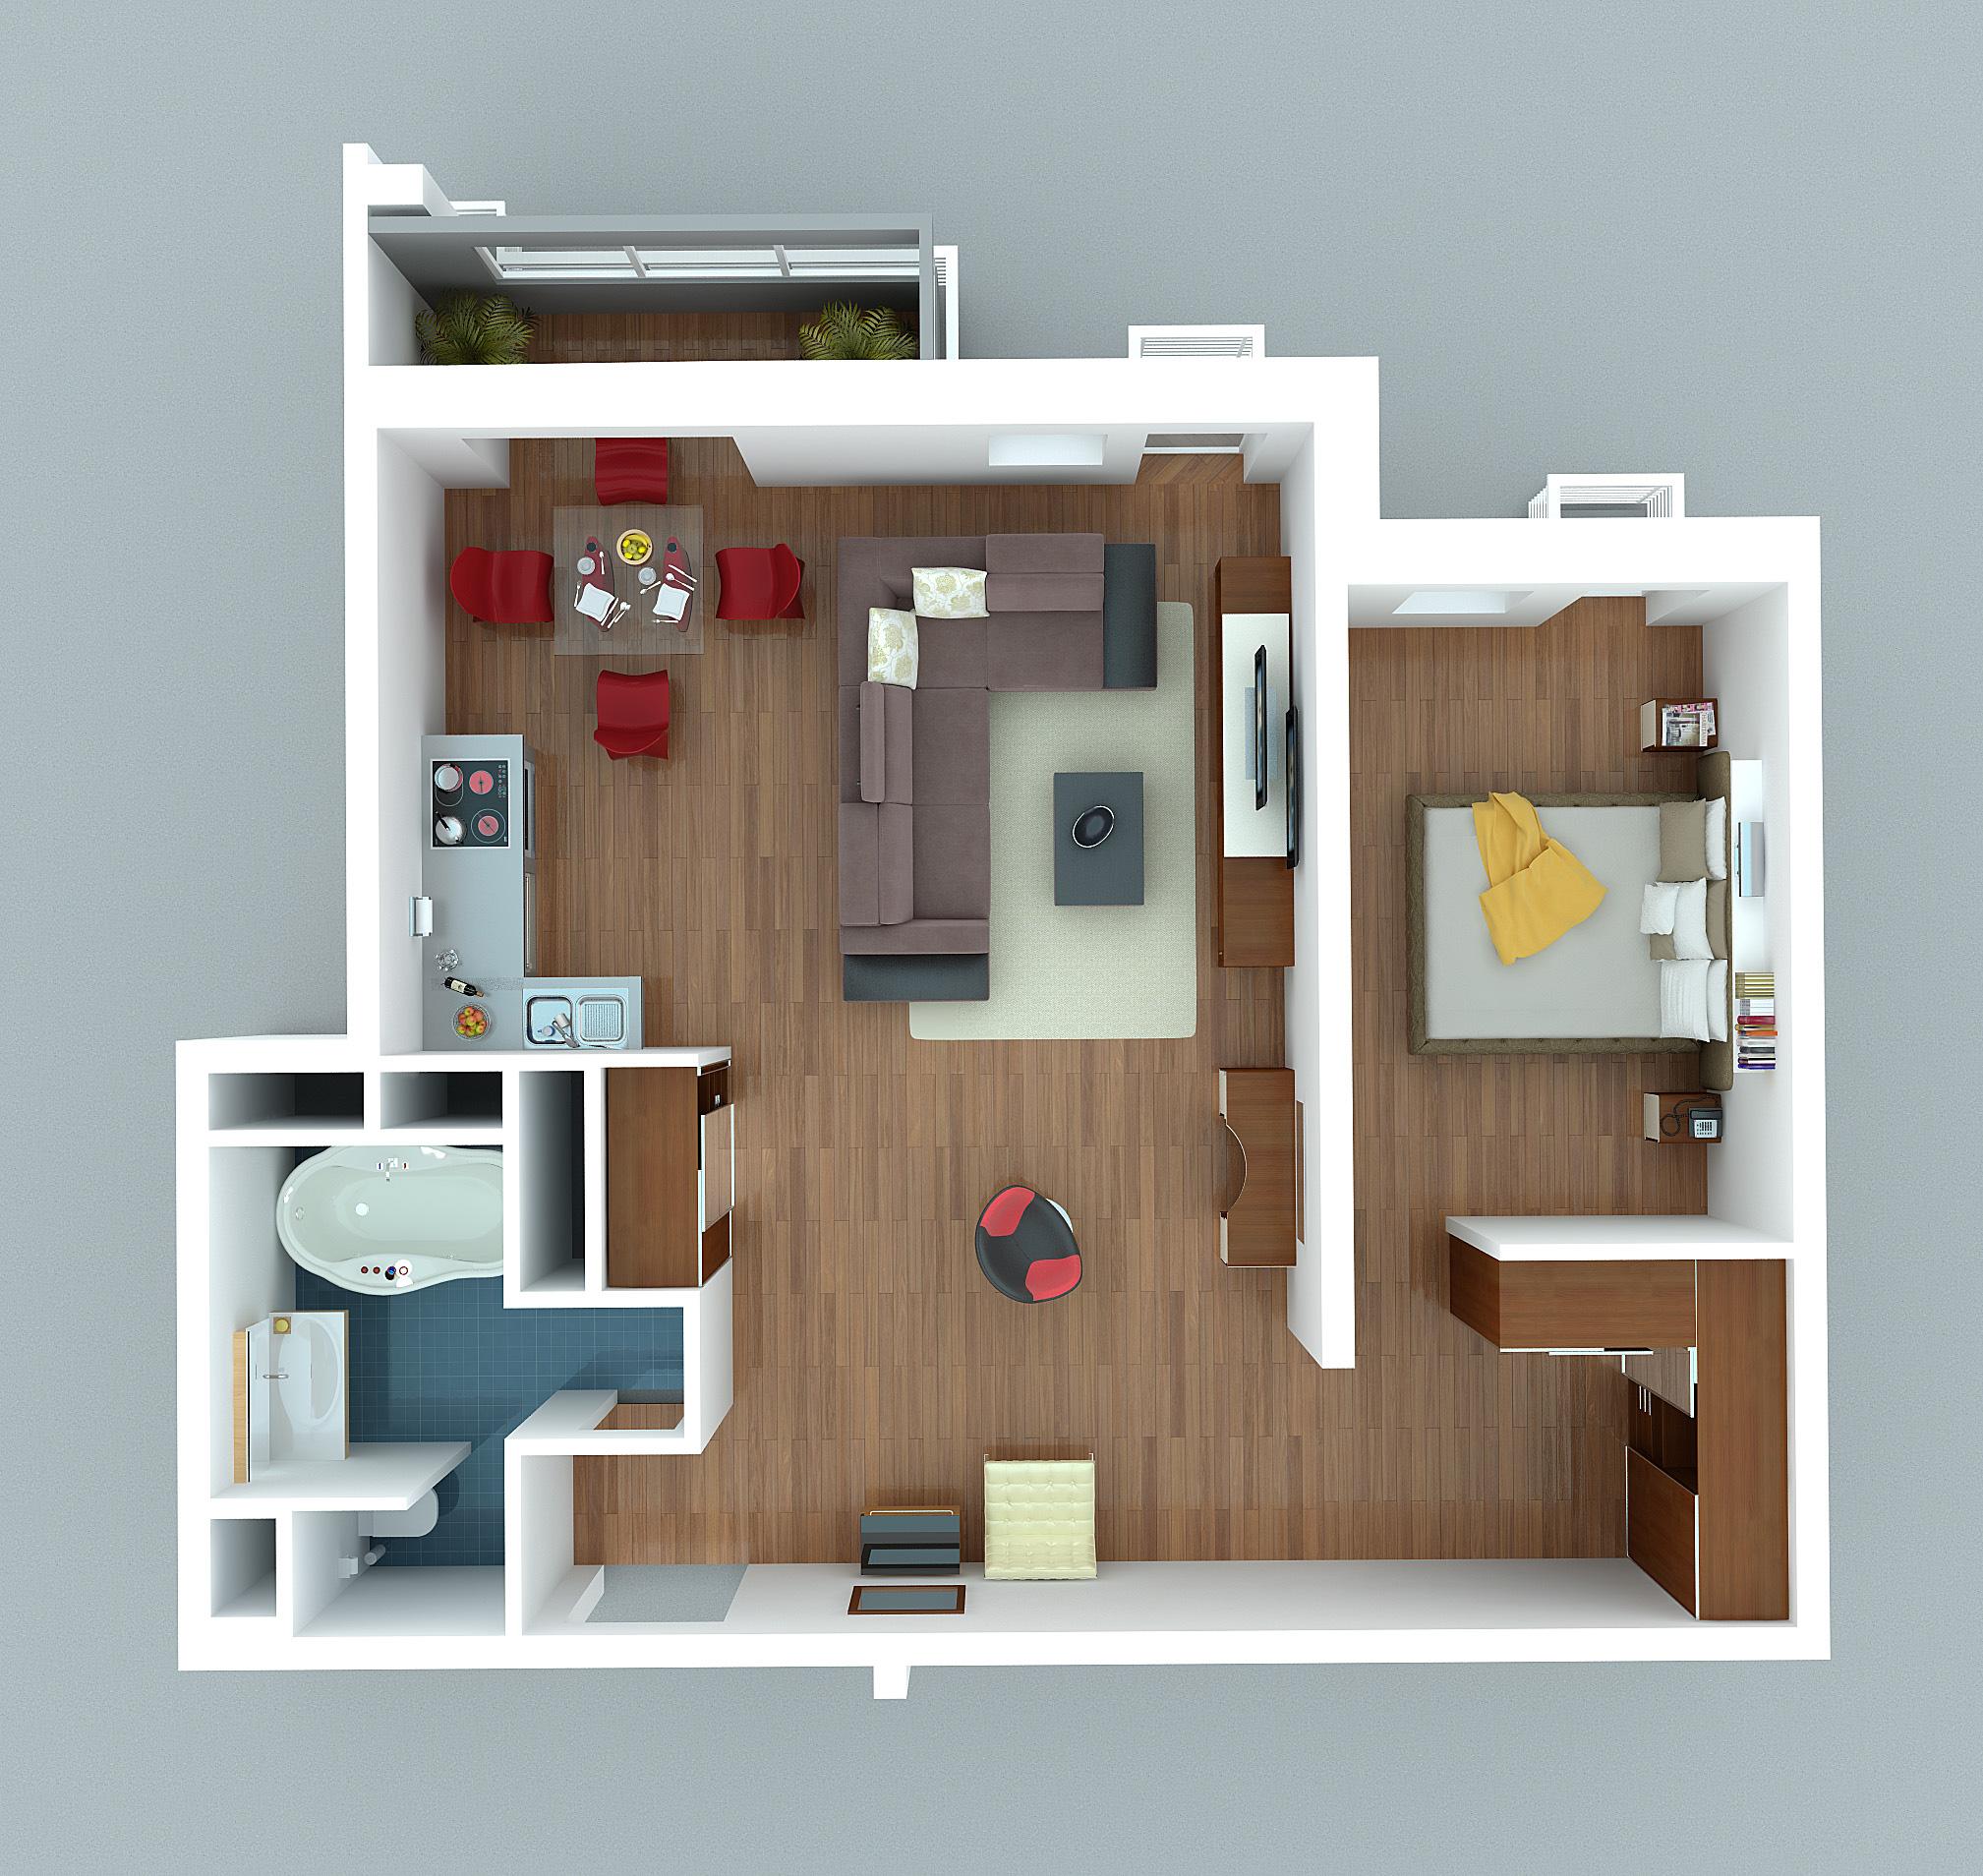 Как сделать перепланировку квартиры в ростове-на-дону